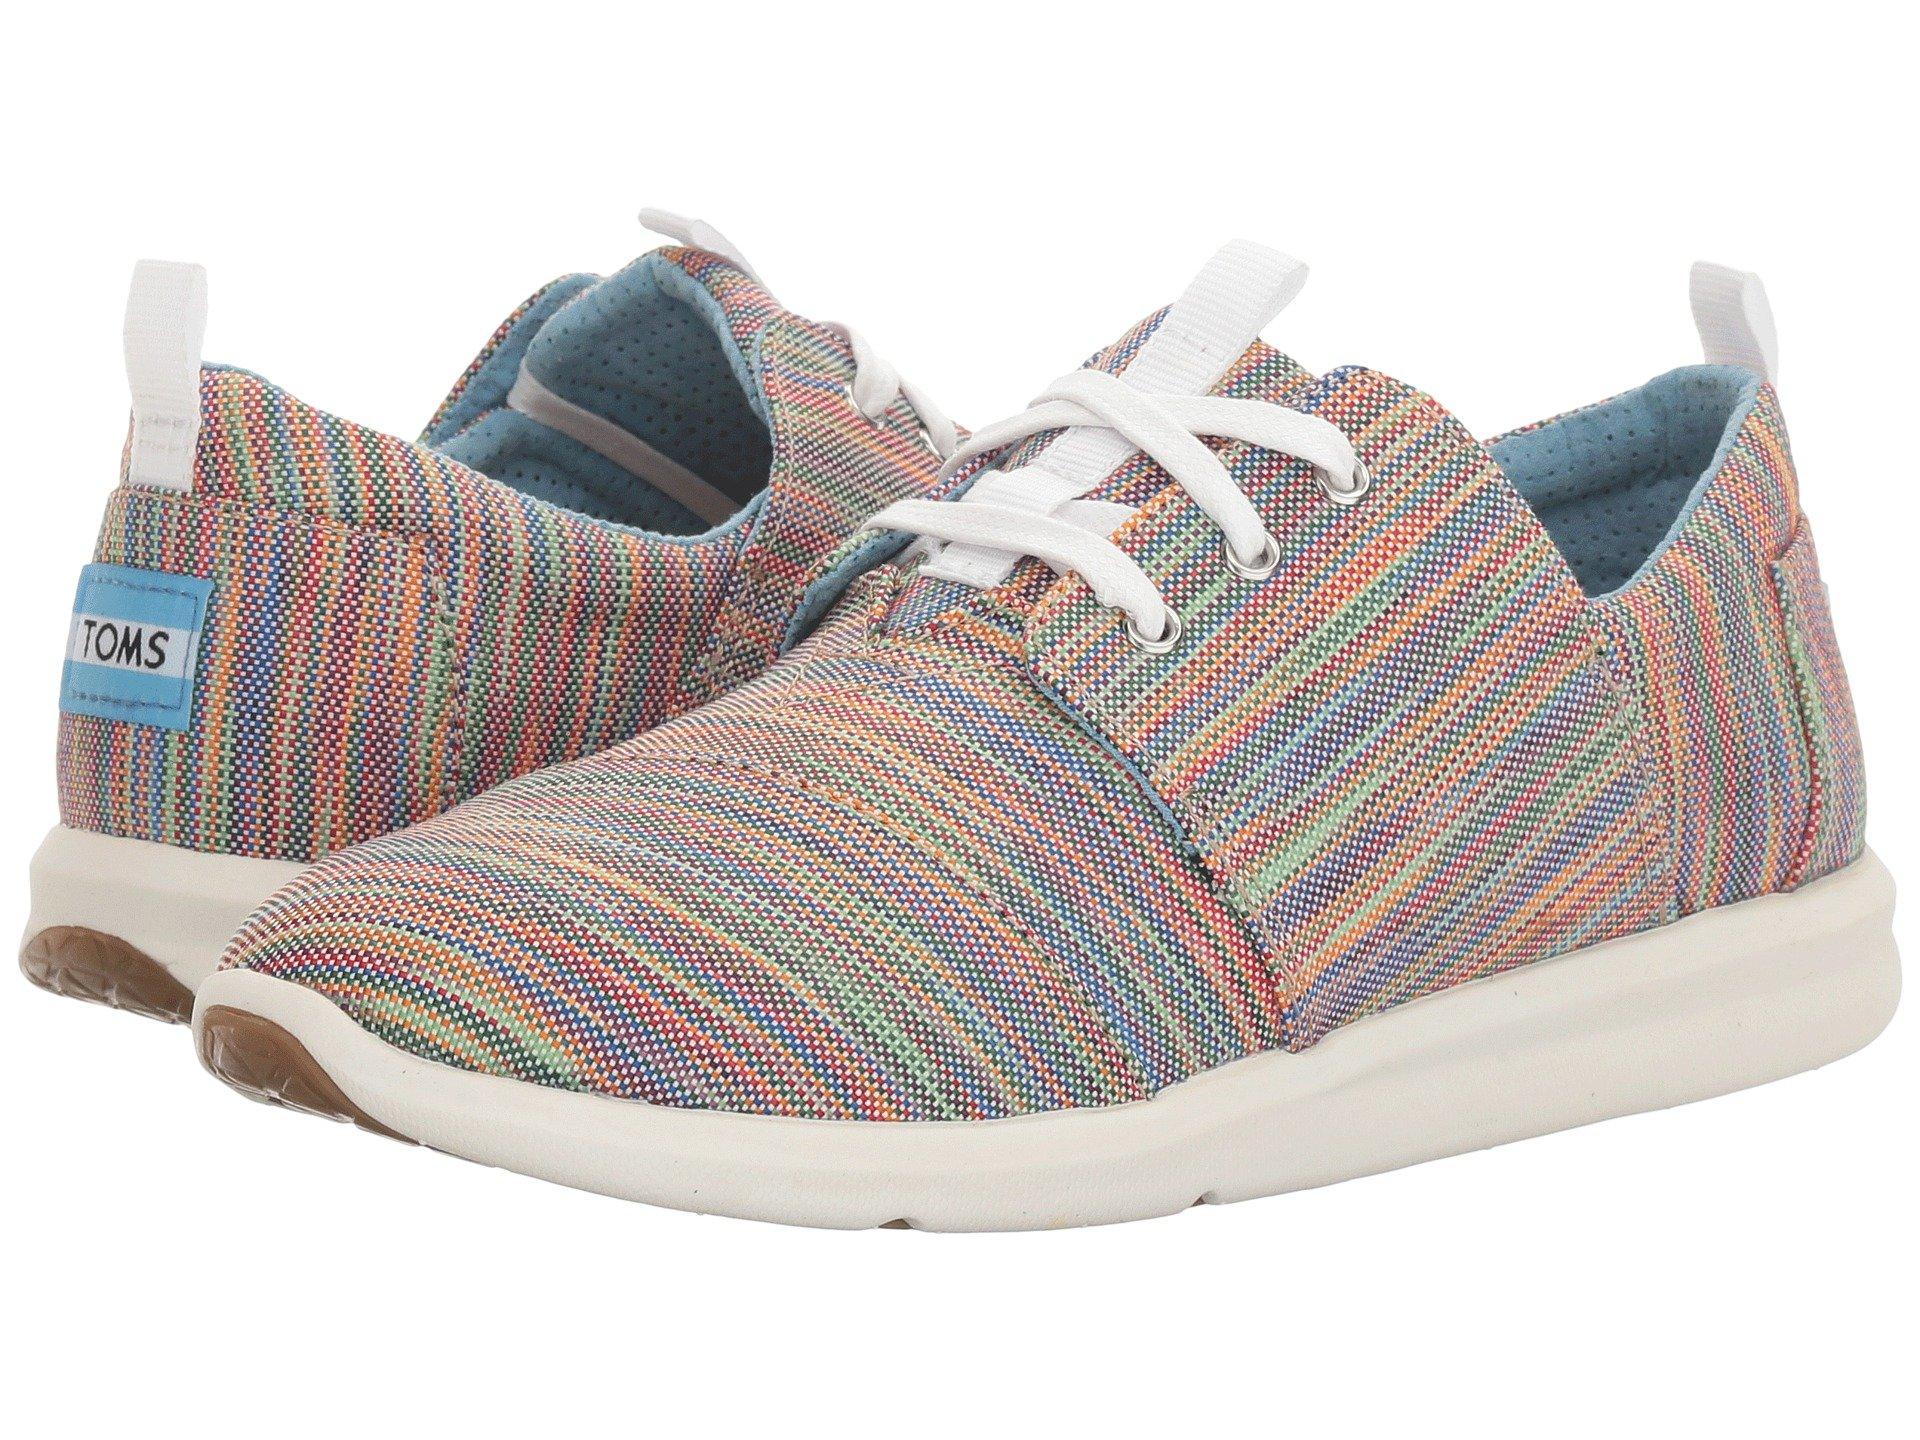 TOMS Women's Del Rey Sneaker Casual Shoe (5 B(M) US, Blue.Aster.Multi.Space.Dye)